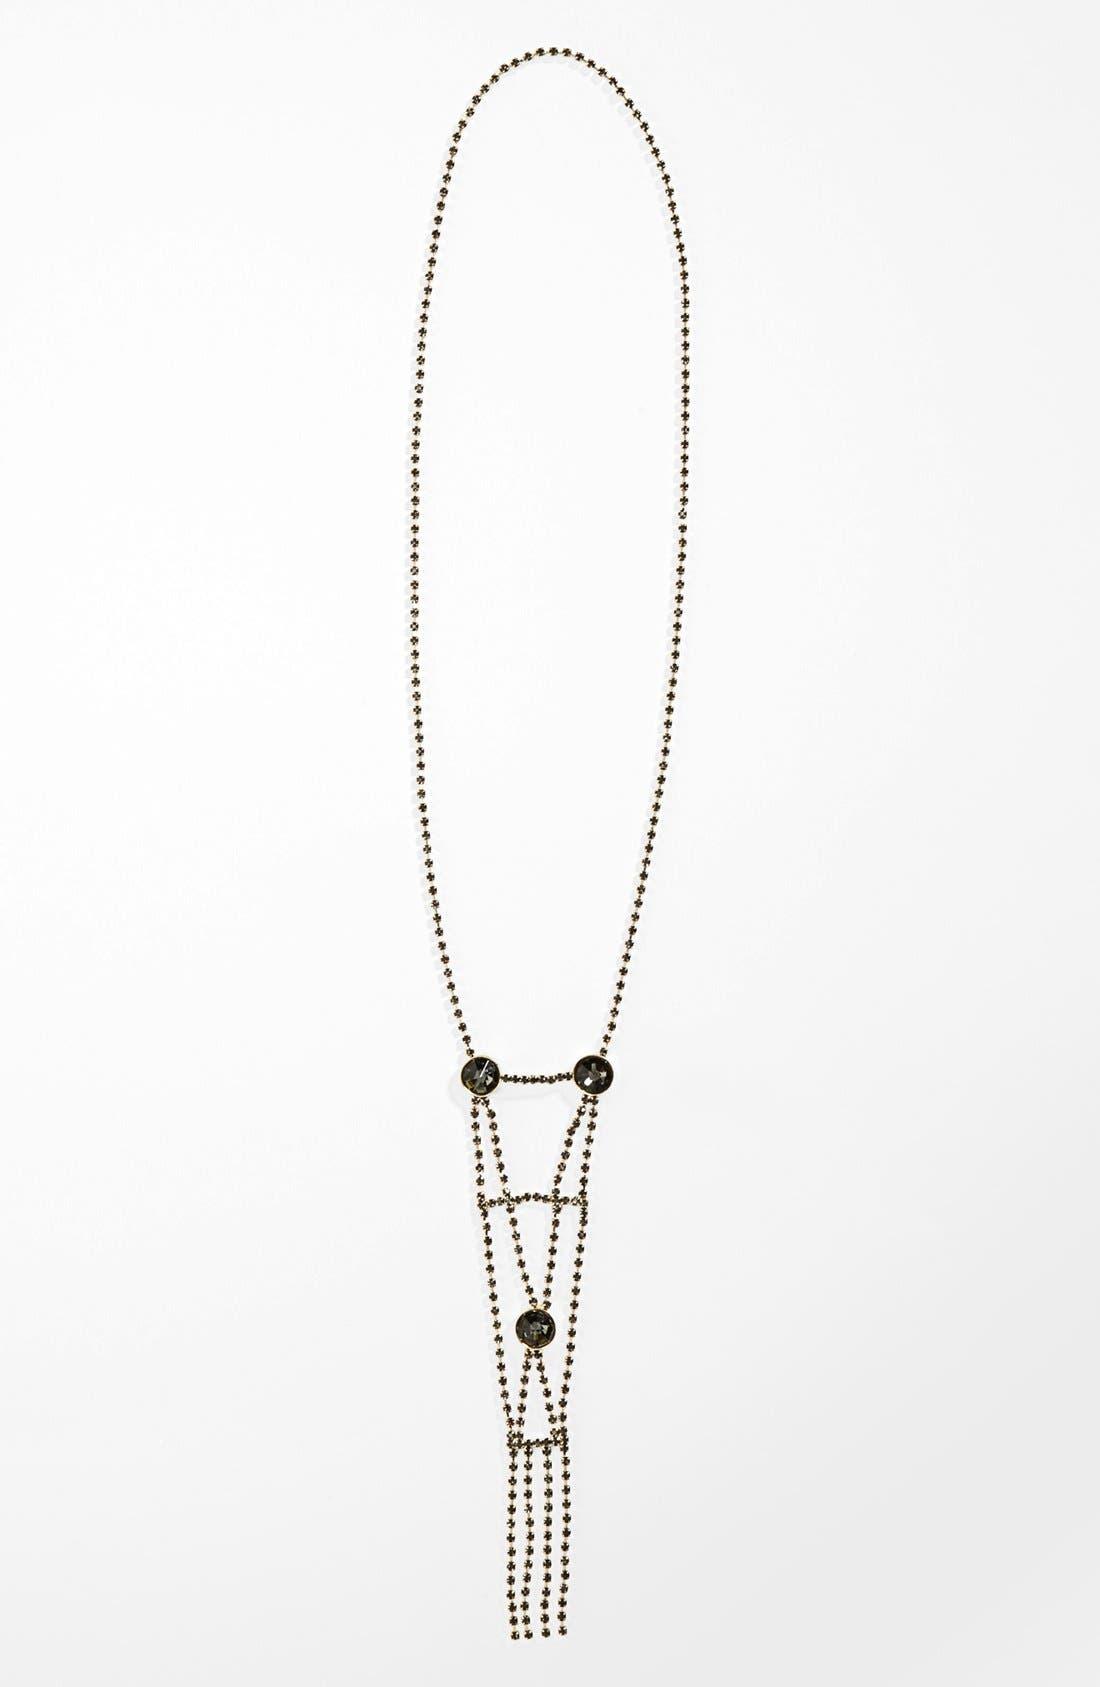 Main Image - Carbon Copy Chain Necklace